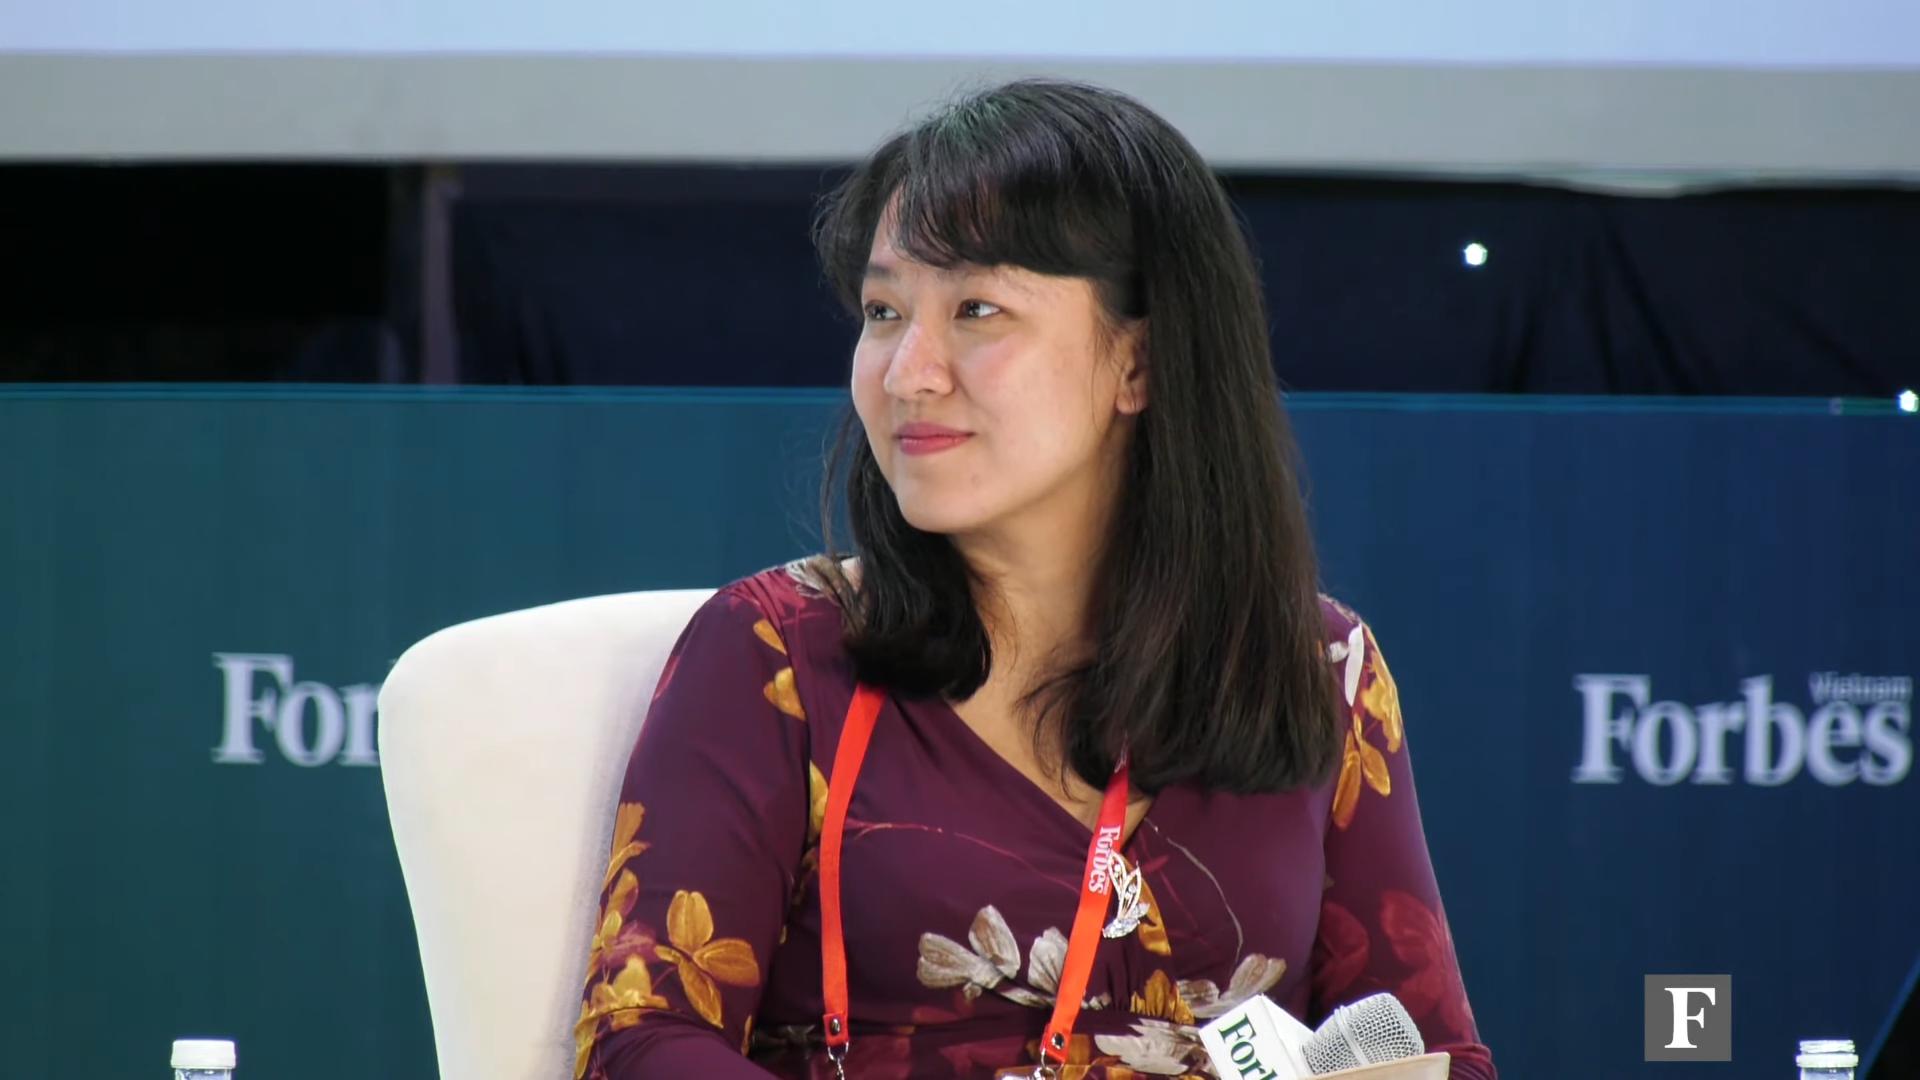 Lê Diệp Kiều Trang và hành trình startup 'dám chơi dám chịu' — Sở Khoa học  và Công nghệ Thành phố Hồ Chí Minh